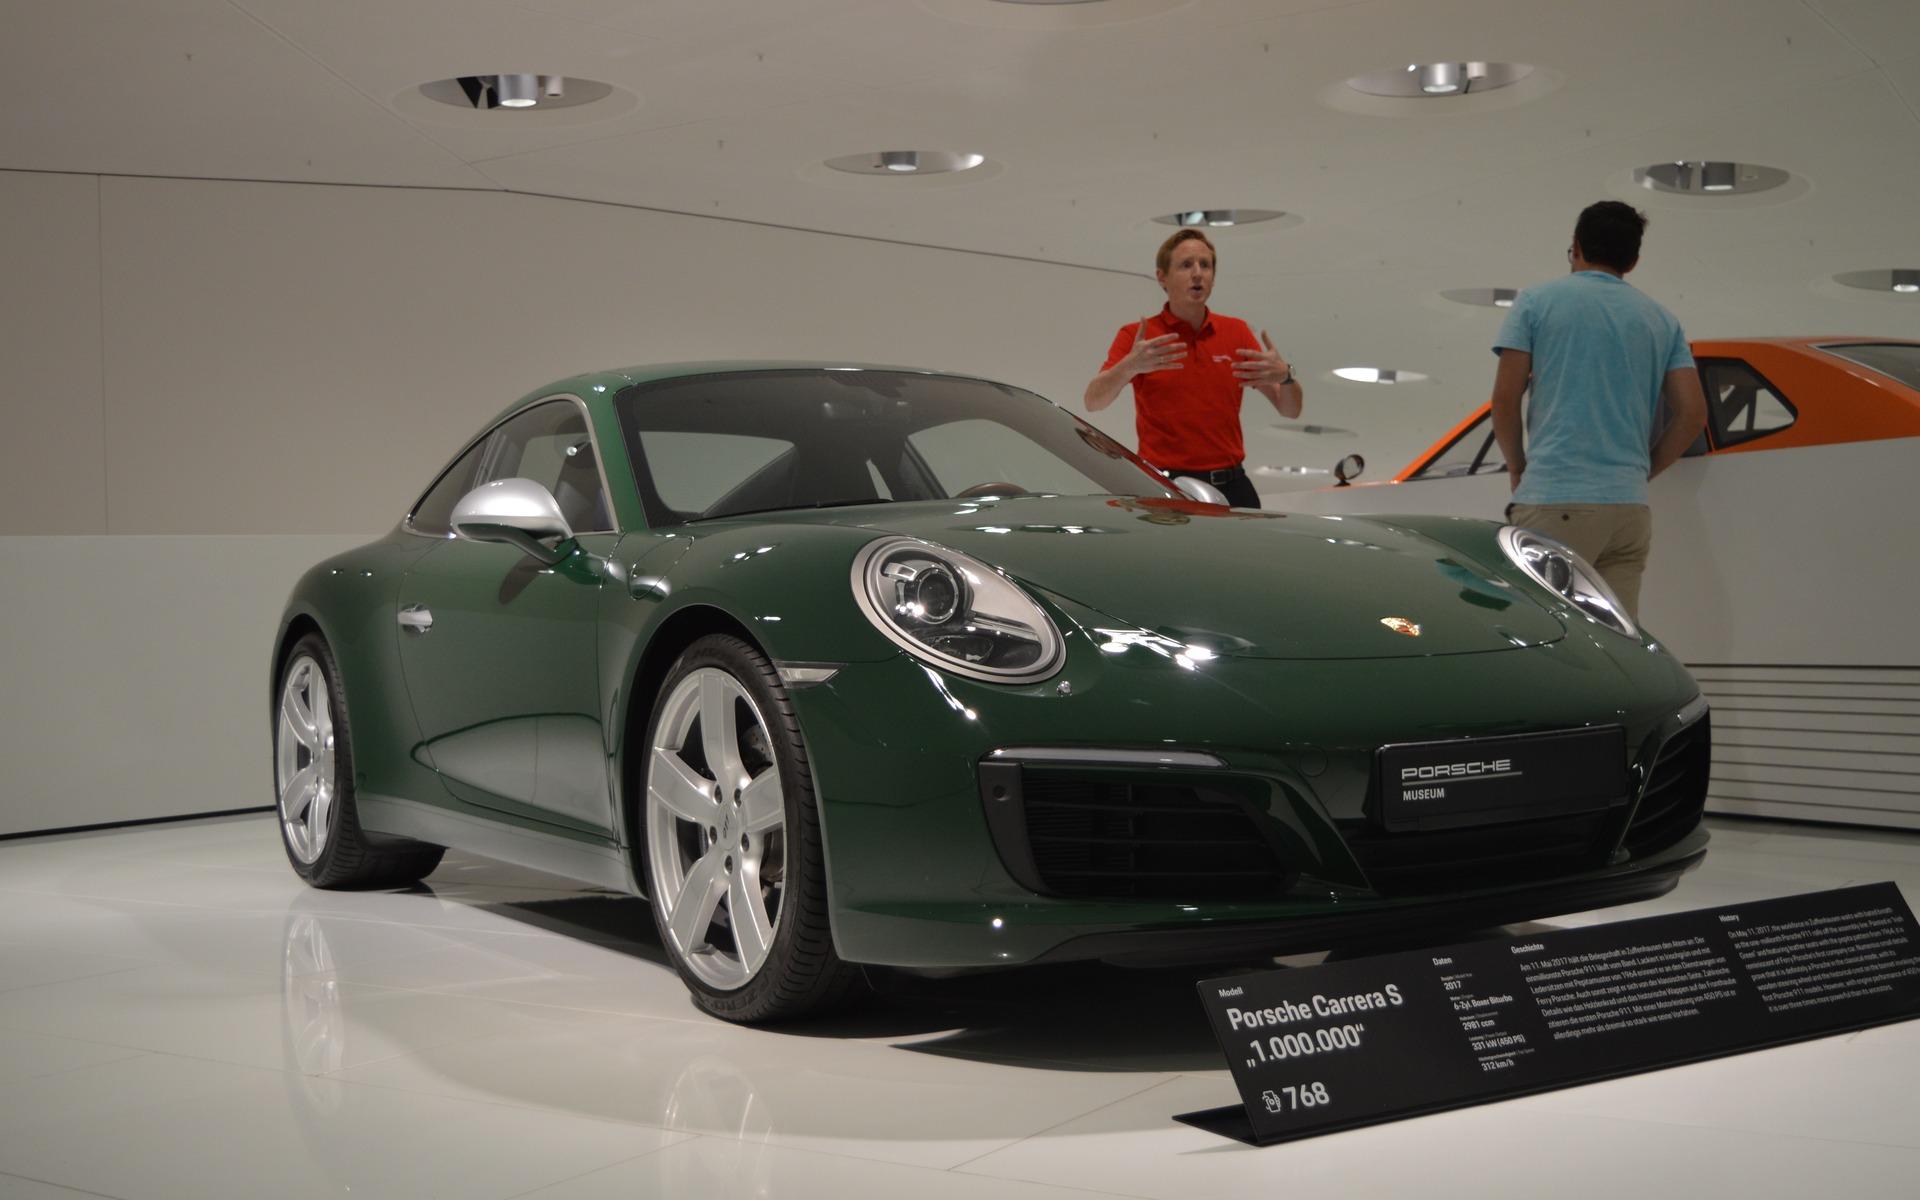 <p>La millionnière Porsche 911</p>